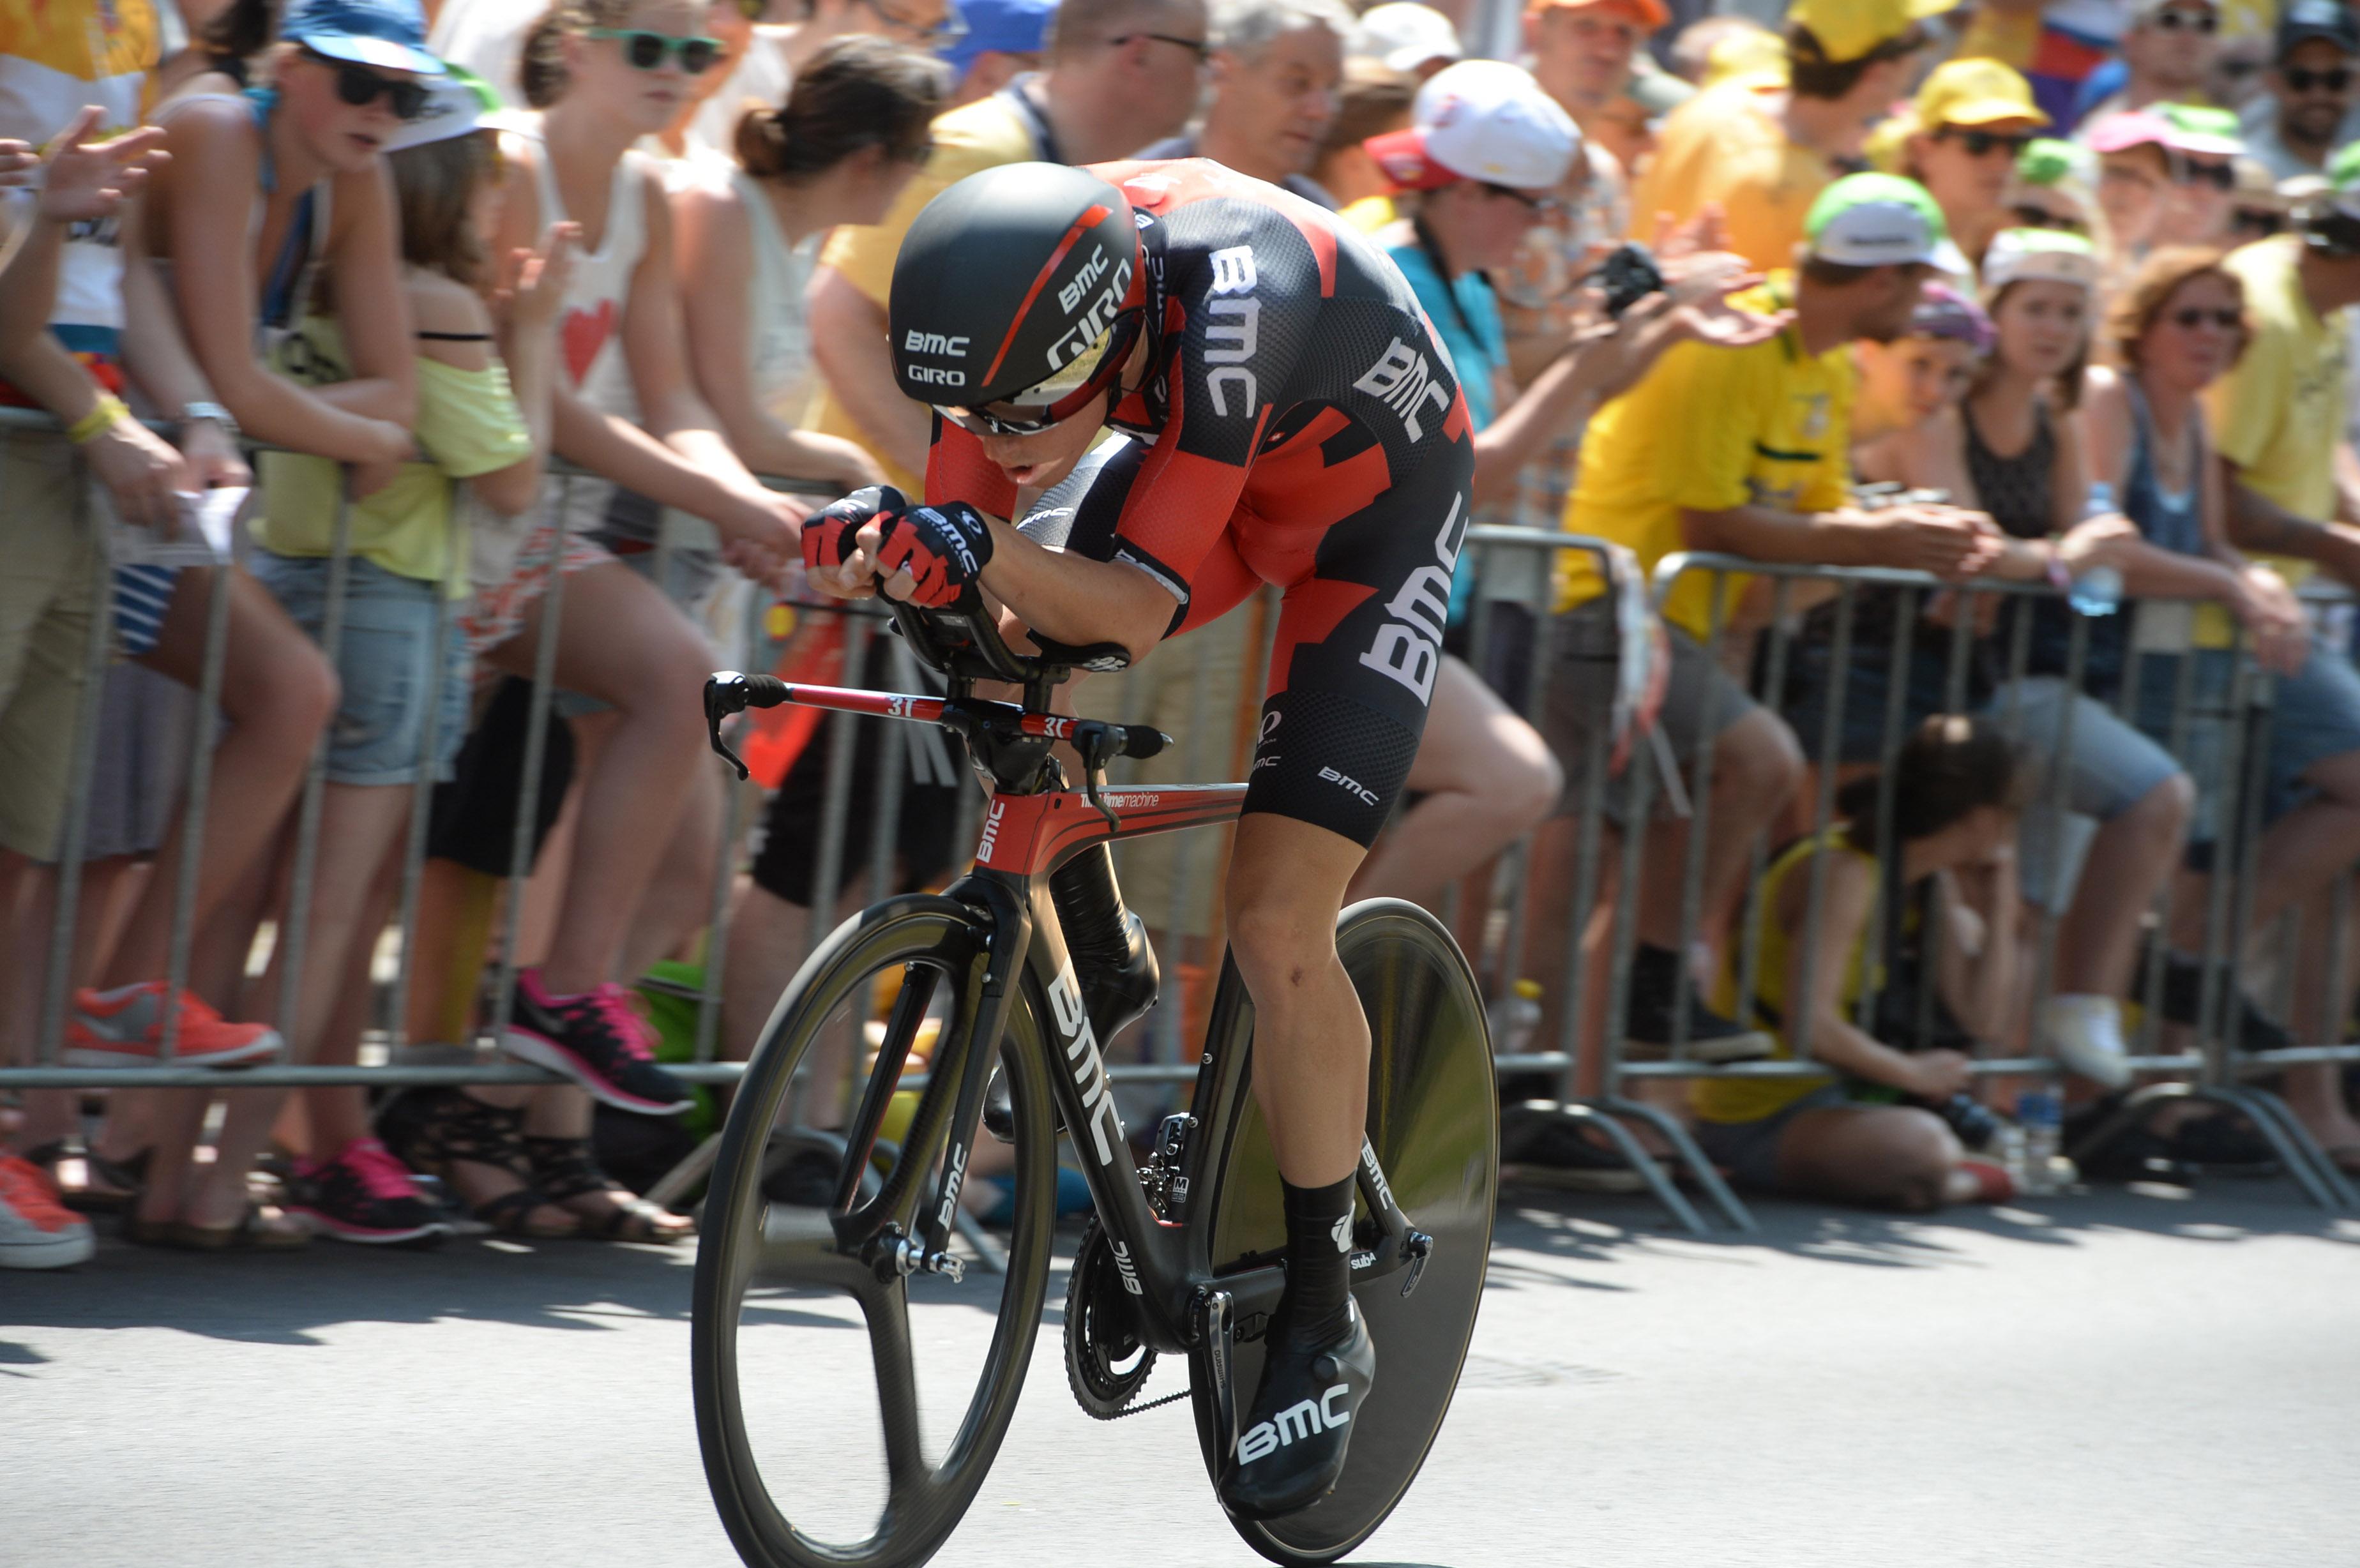 Rohan Dennis ist der Sieger der ersten Etappe der Tour de France 2015.